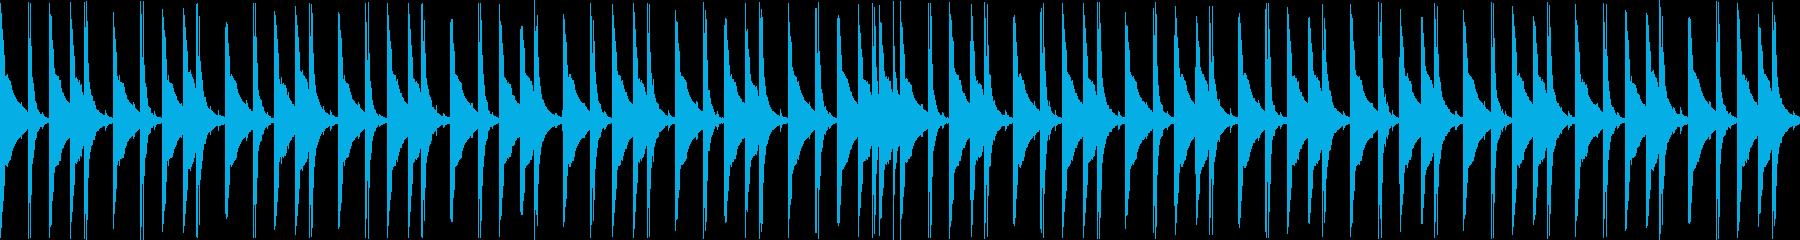 ジャンベ|リズム・ループ 1の再生済みの波形